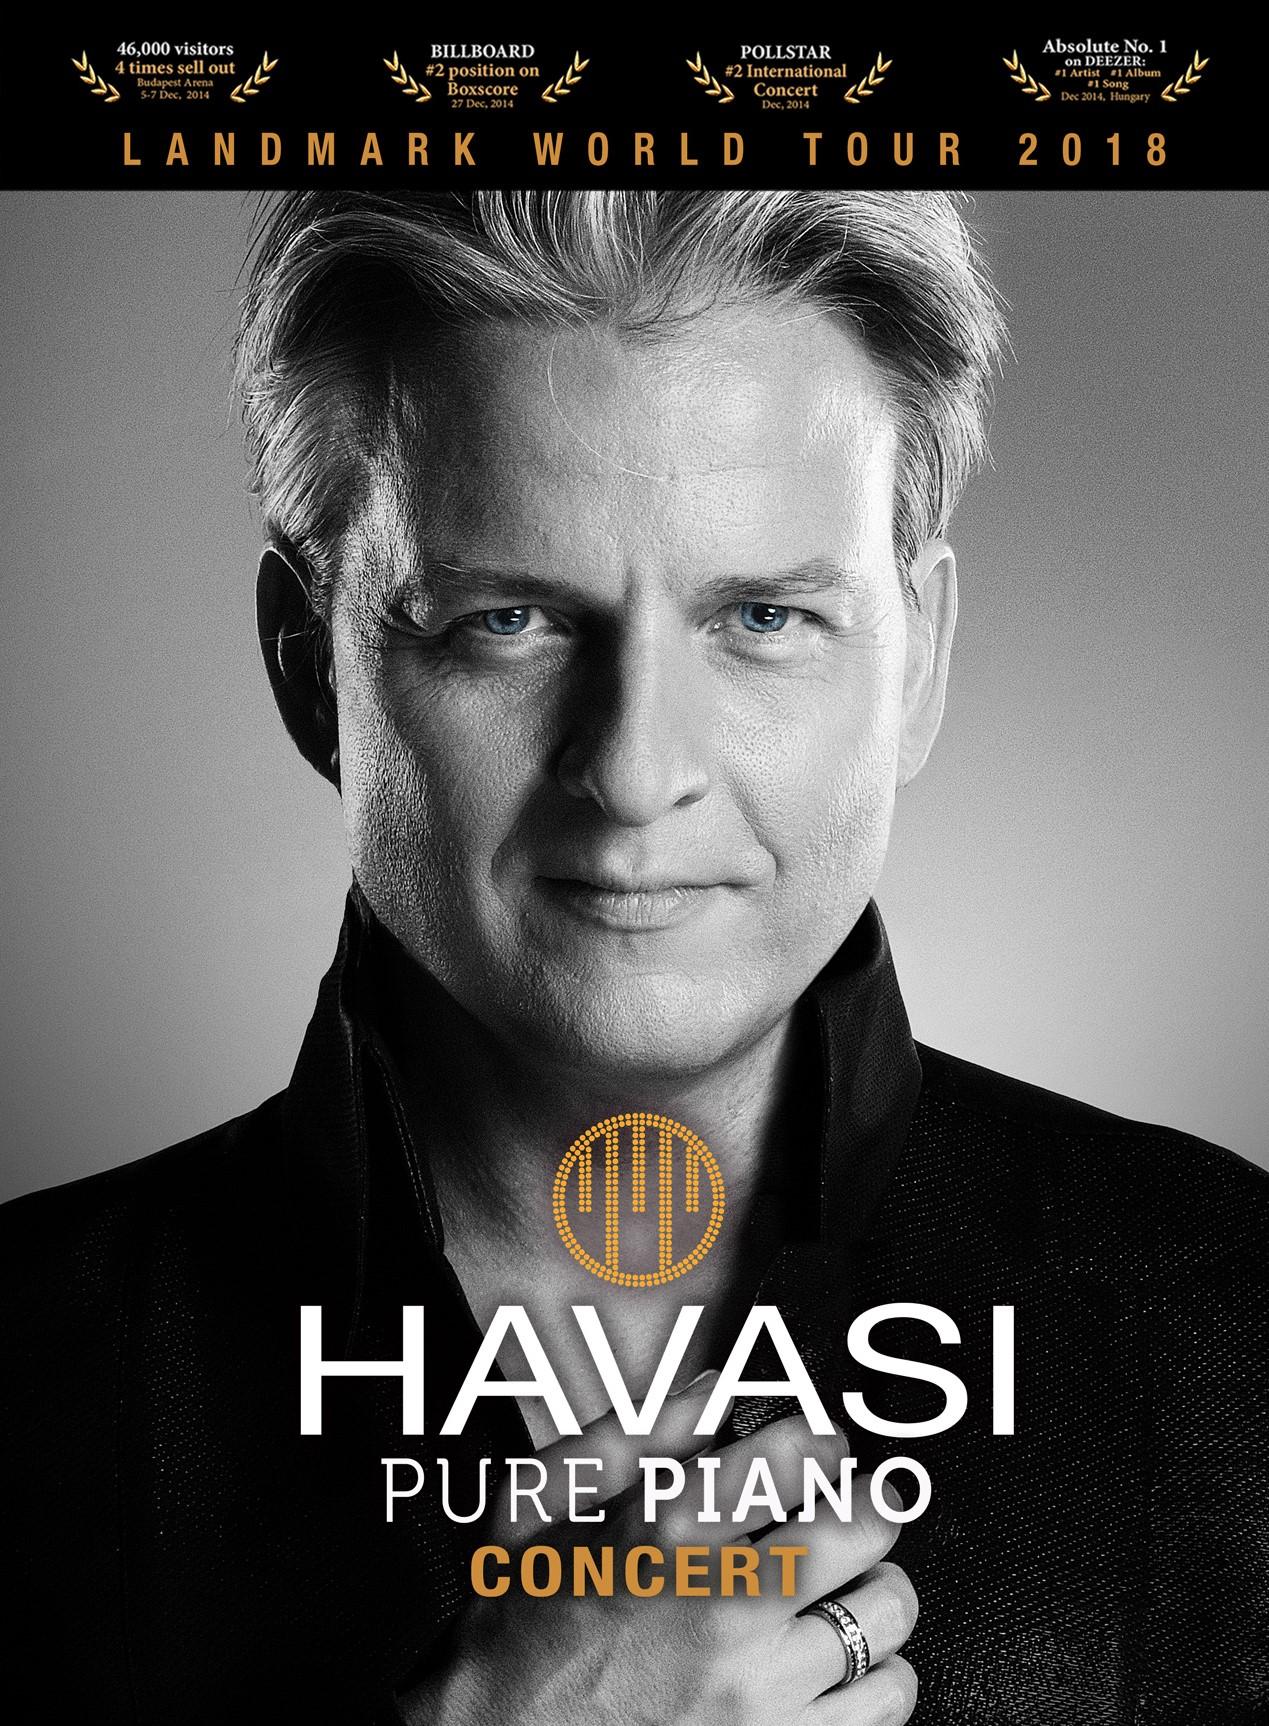 HAVASI PURE PIANO flyer